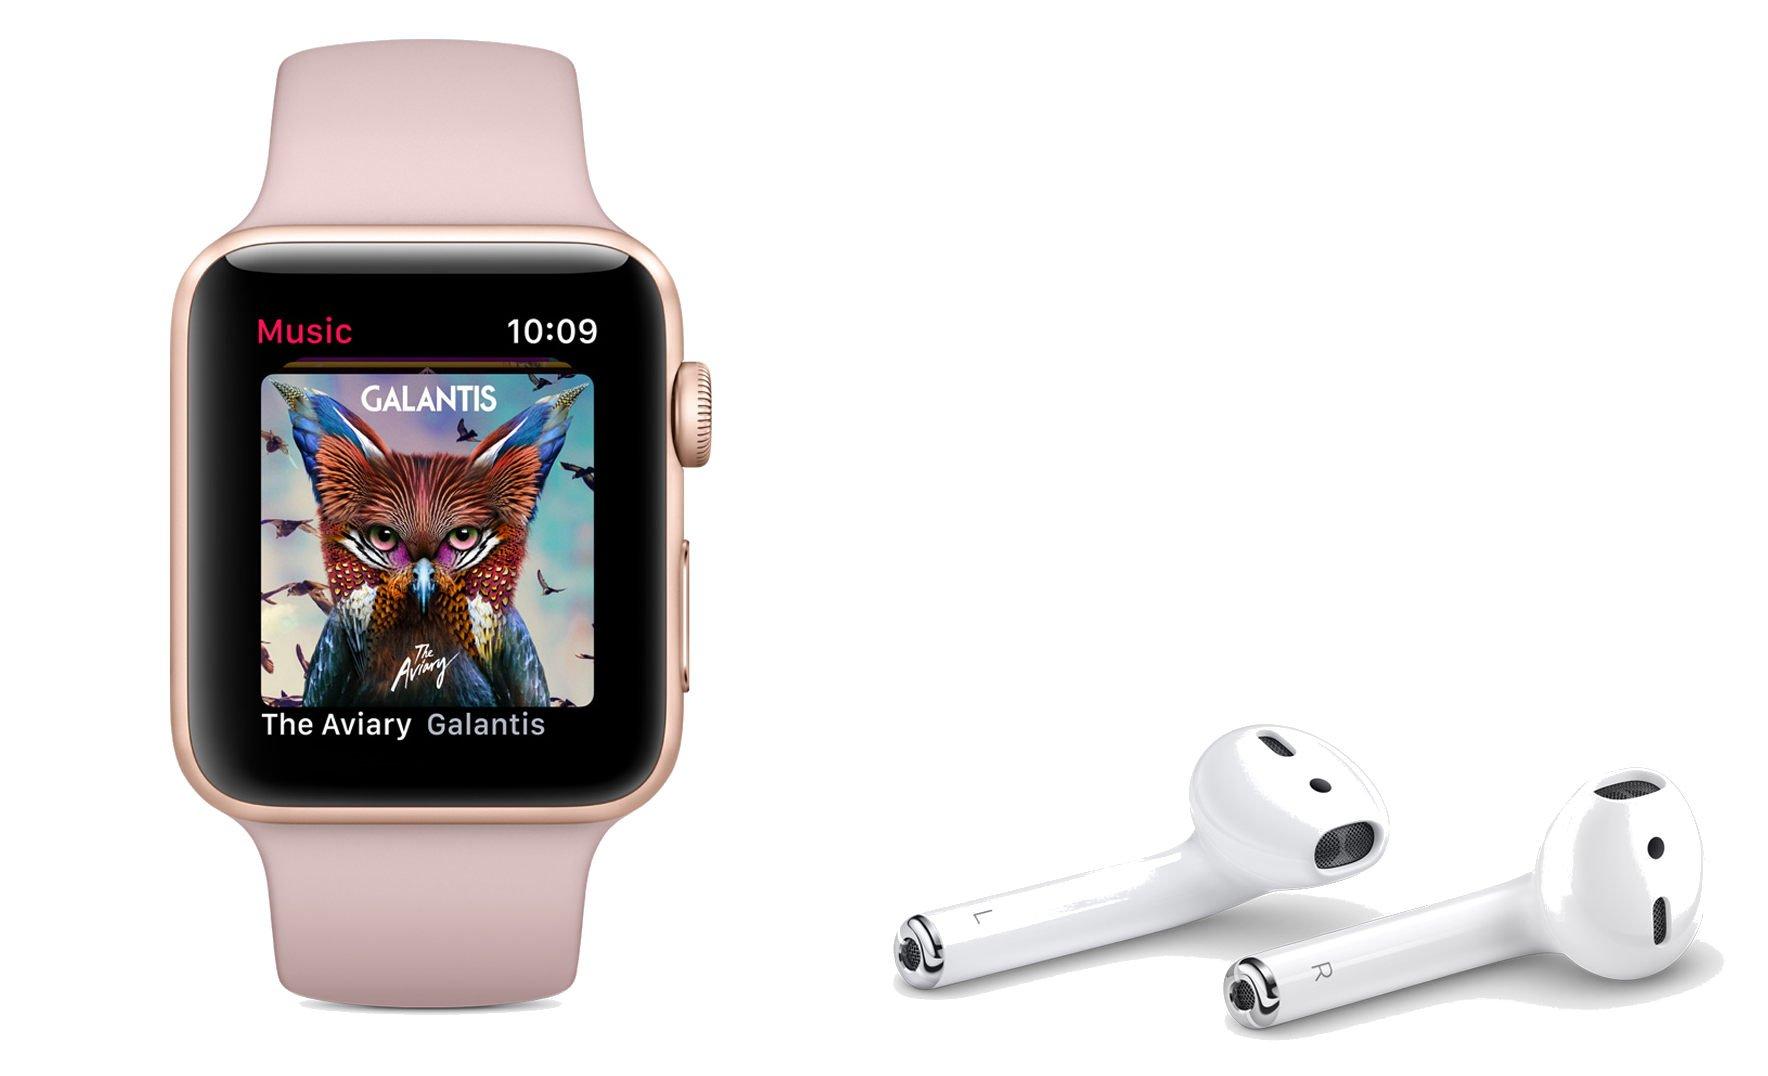 Die Airpods dürfen natürlich nicht fehlen, wenn die Apple Watch Series 3 Musik abspielt (Bild: Apple)